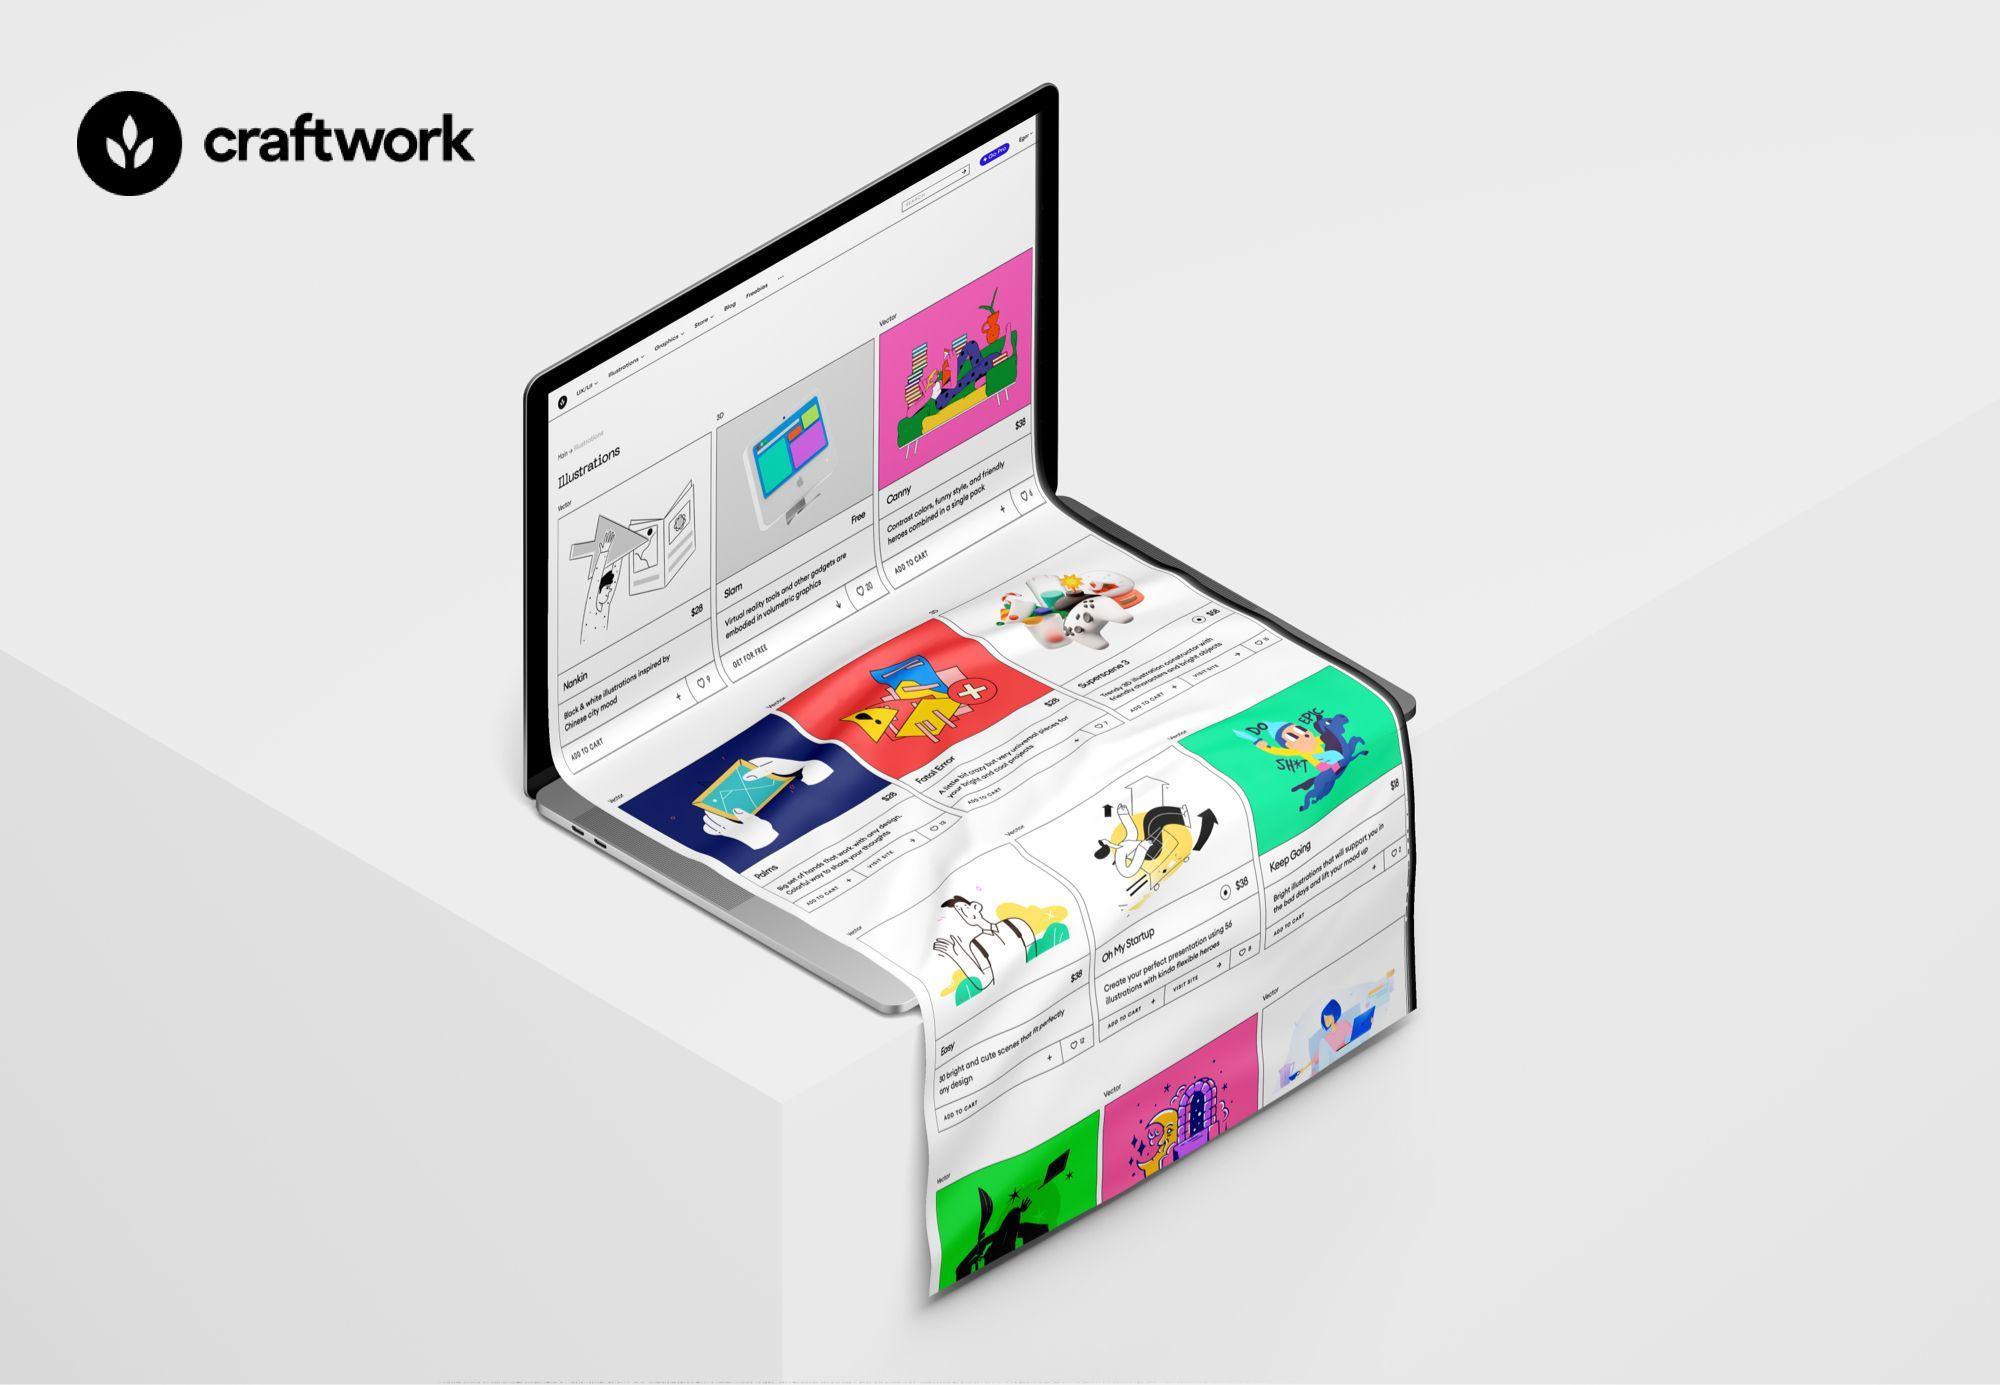 Craftwork - лучшая библиотека бесплатных и платных иллюстраций